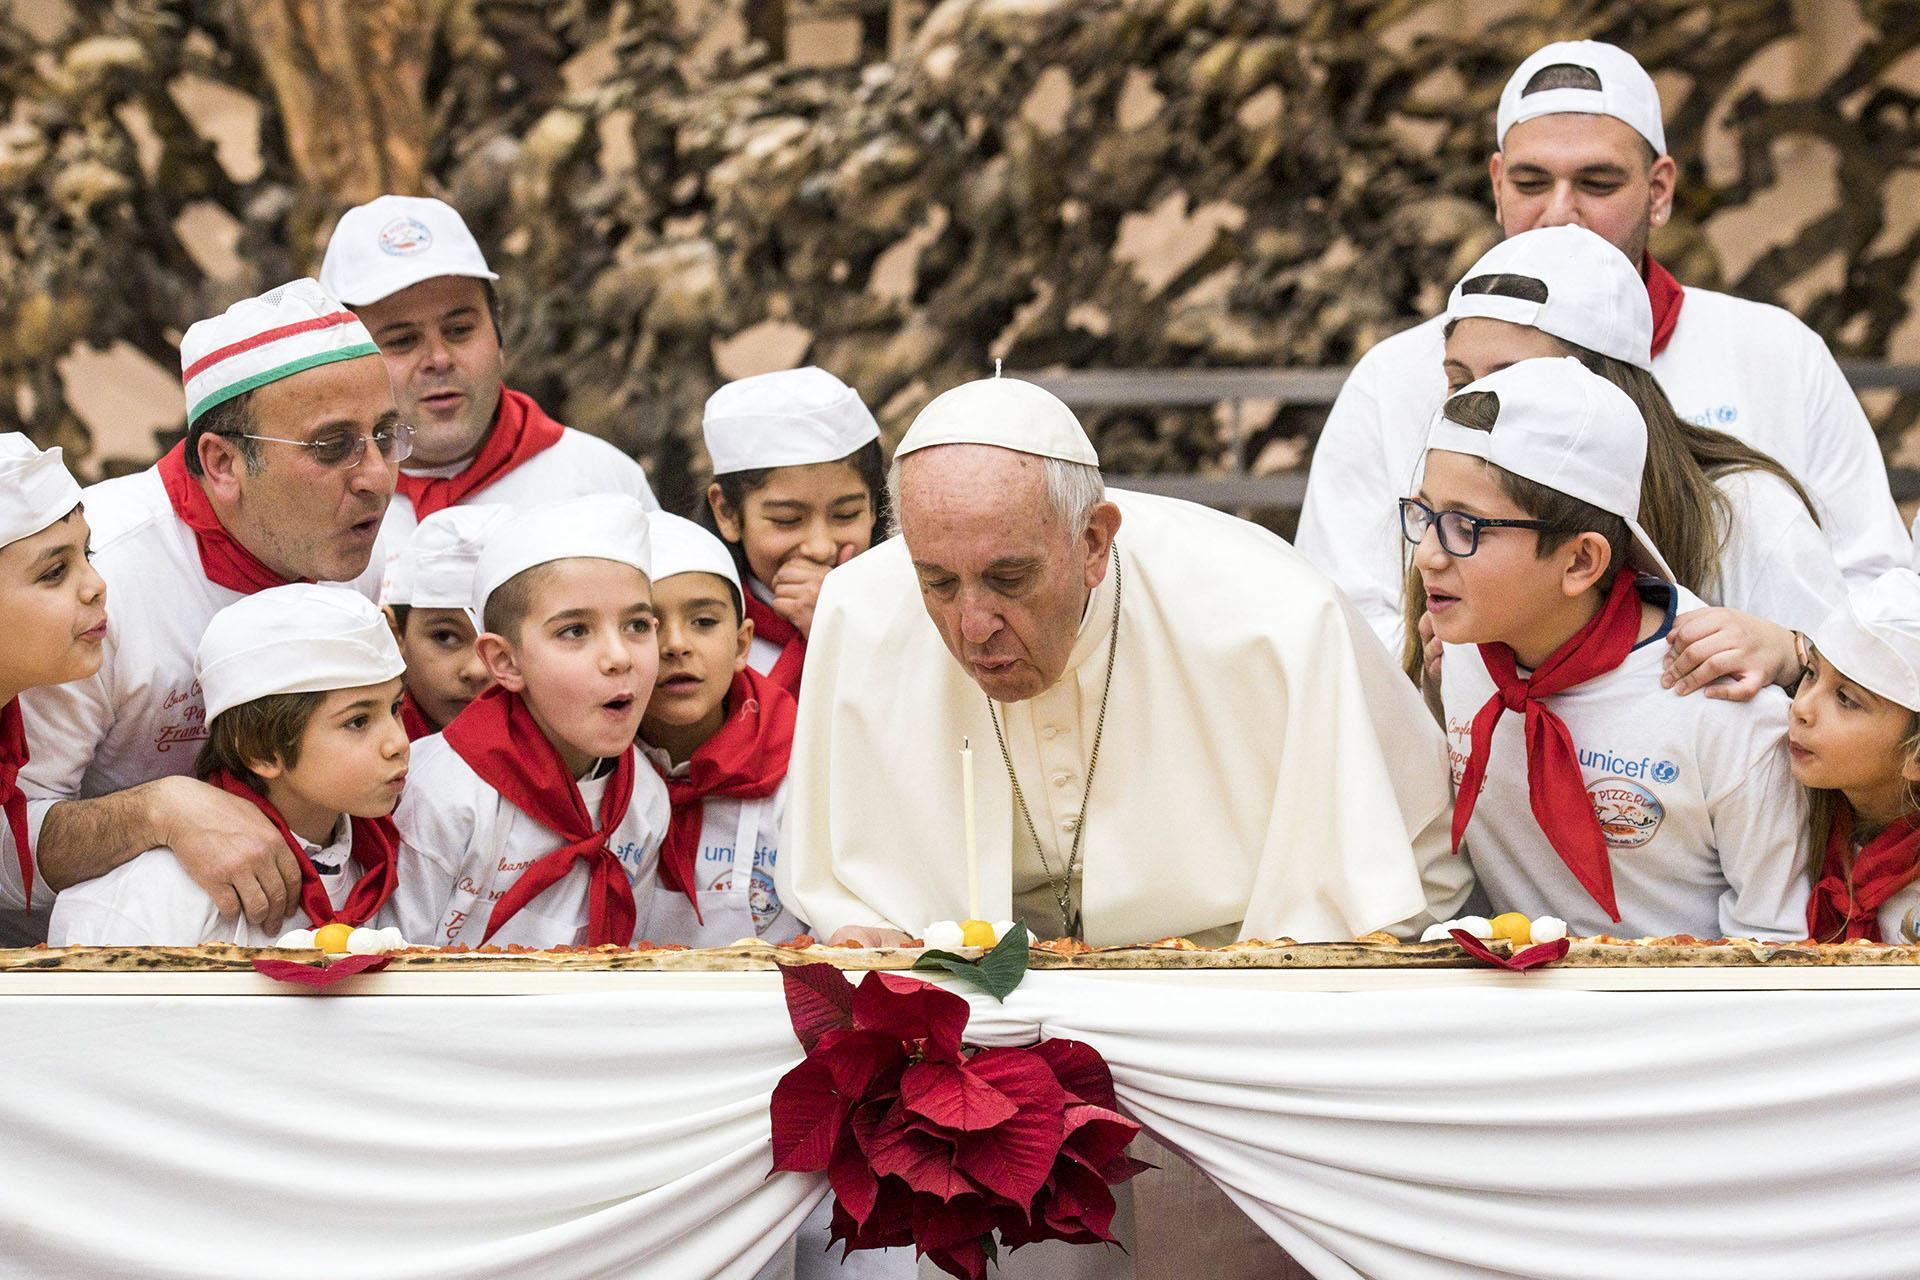 17 de diciembre de 2017: el papa Francisco cumplió 81 años entre mensajes de apoyo y una pizza gigante